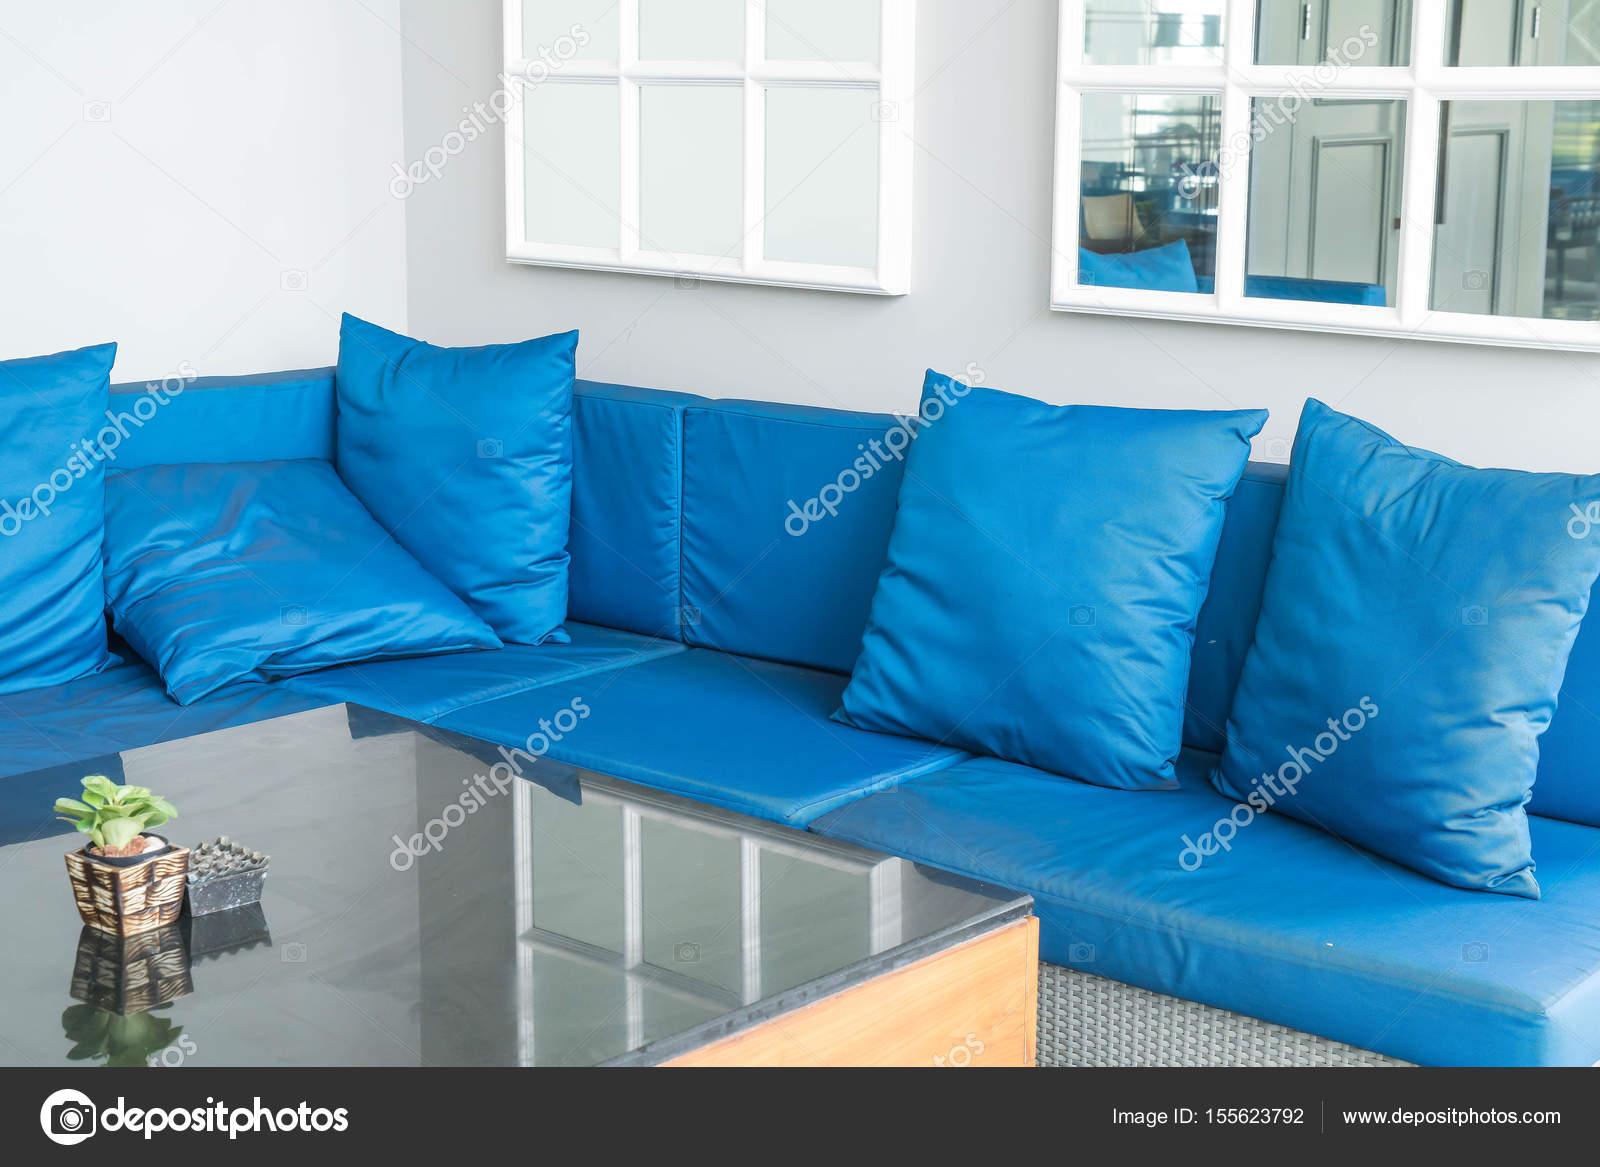 Schöne Luxus Kissen Auf Sofa Dekoration Im Wohnzimmer Interieur Für  Hintergrund U2014 Foto Von Topntp